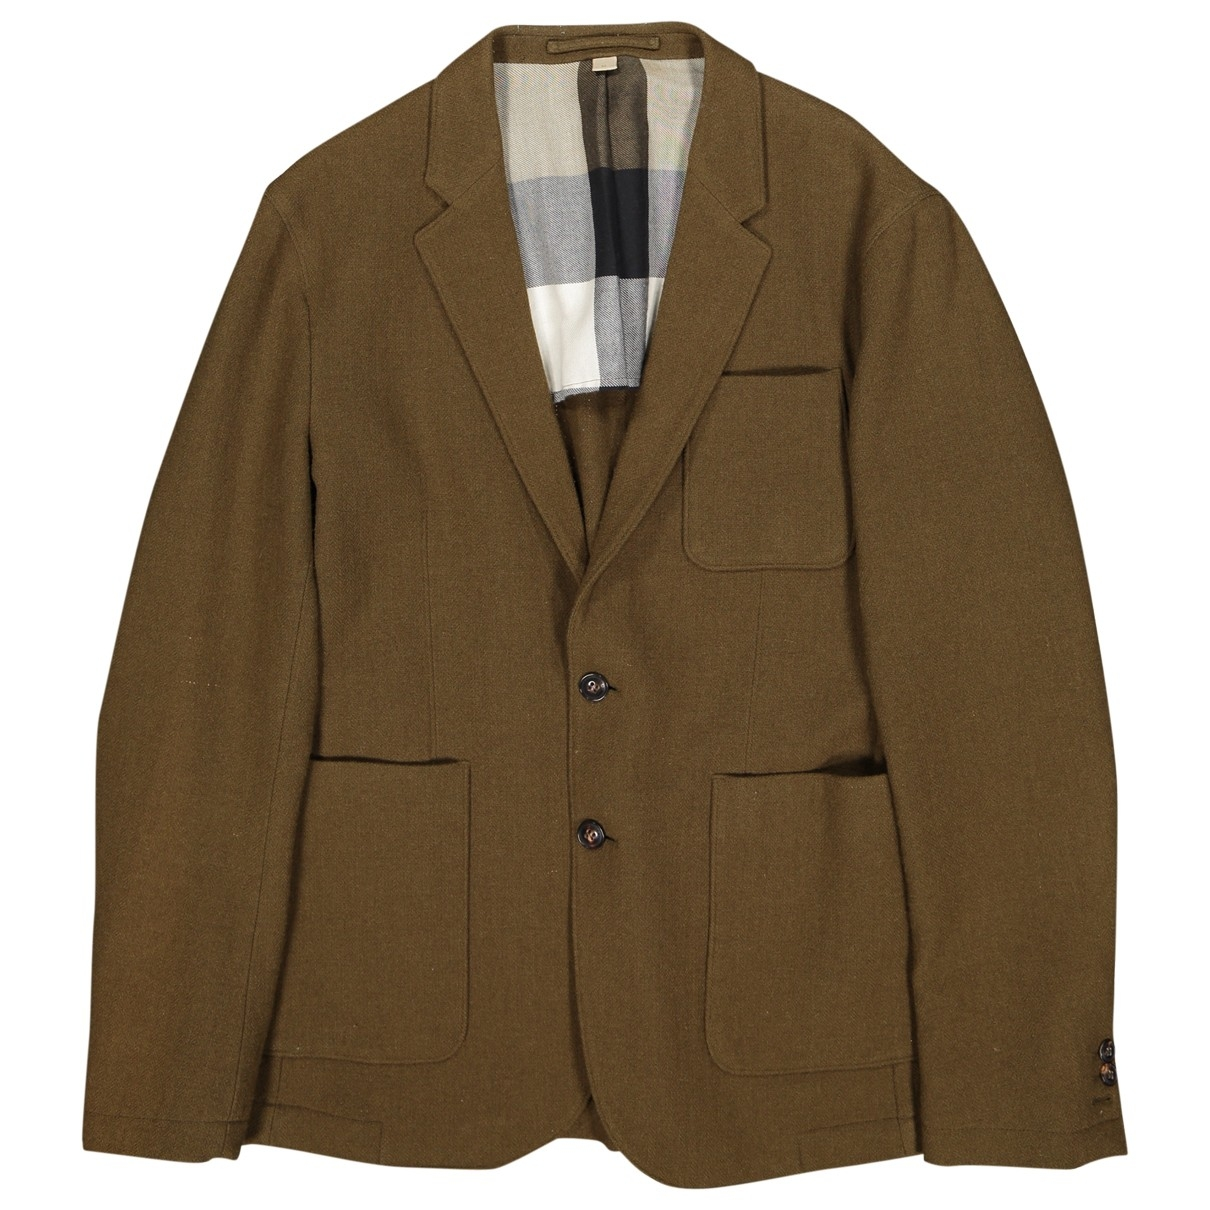 Burberry \N Jacke in  Khaki Wolle